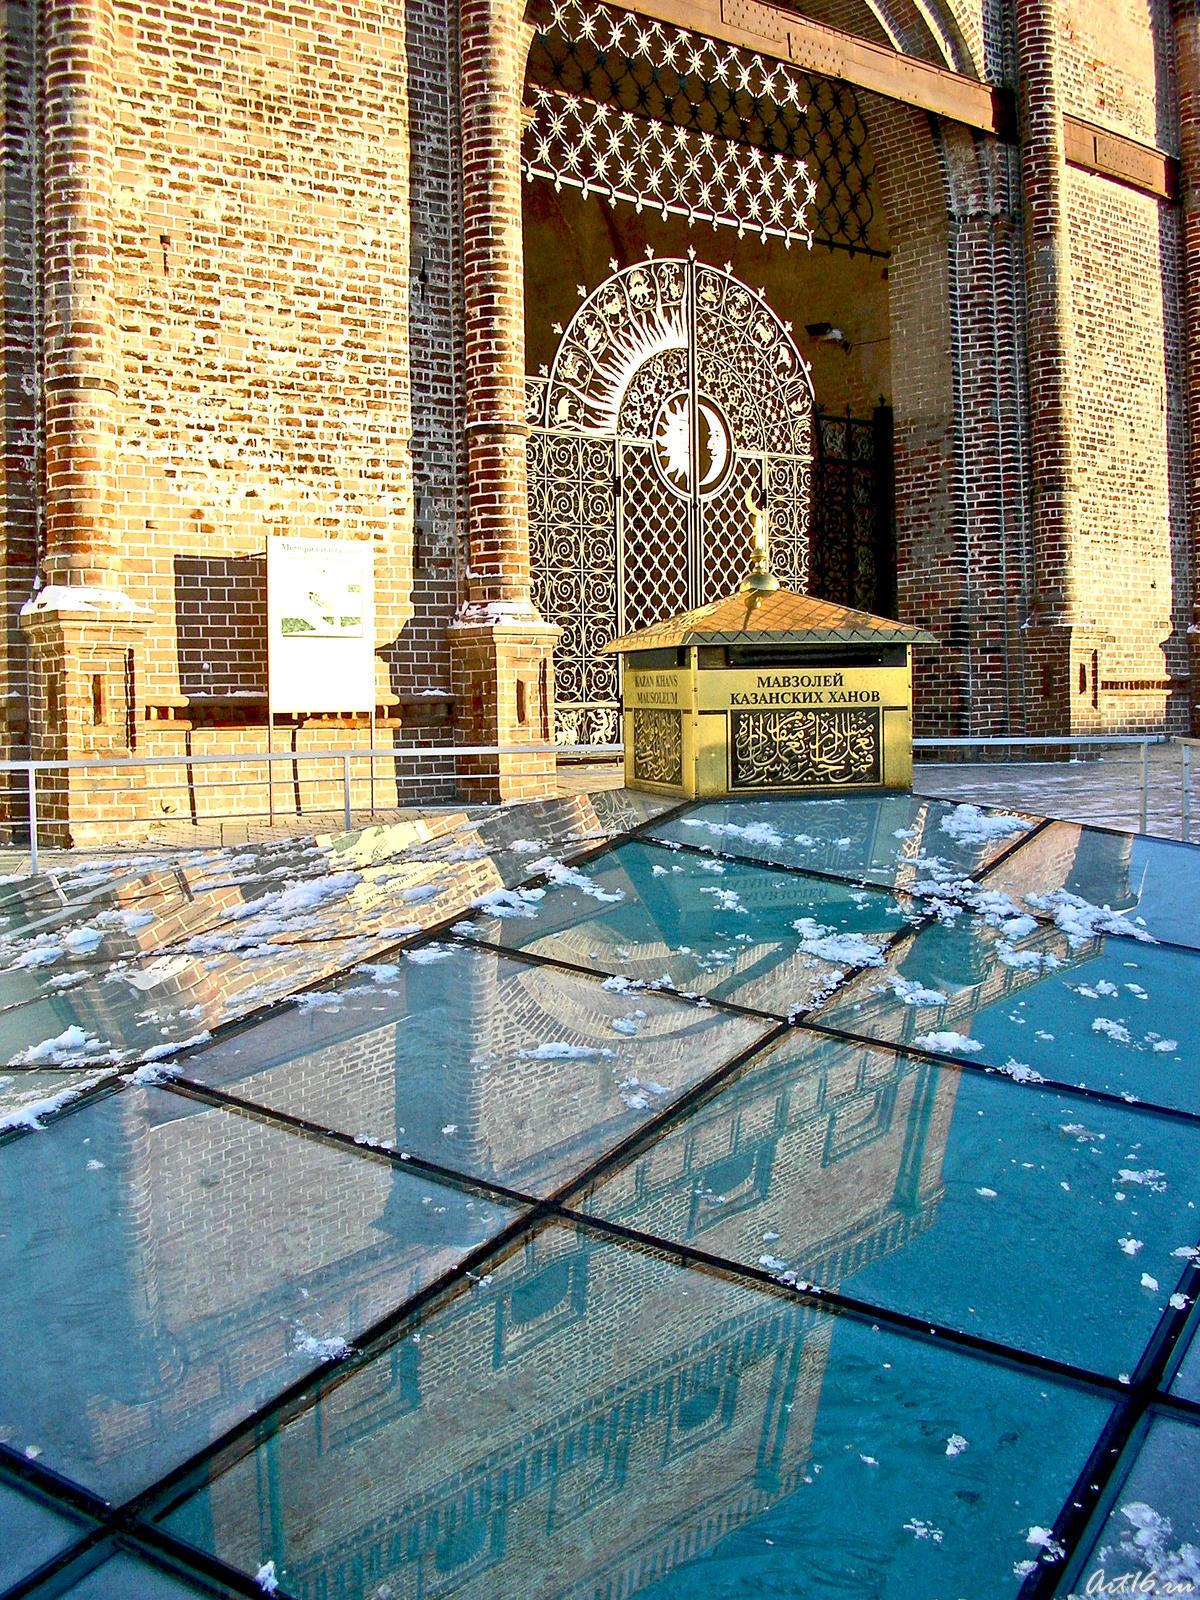 Фото №18665. Мавзолей казанских ханов